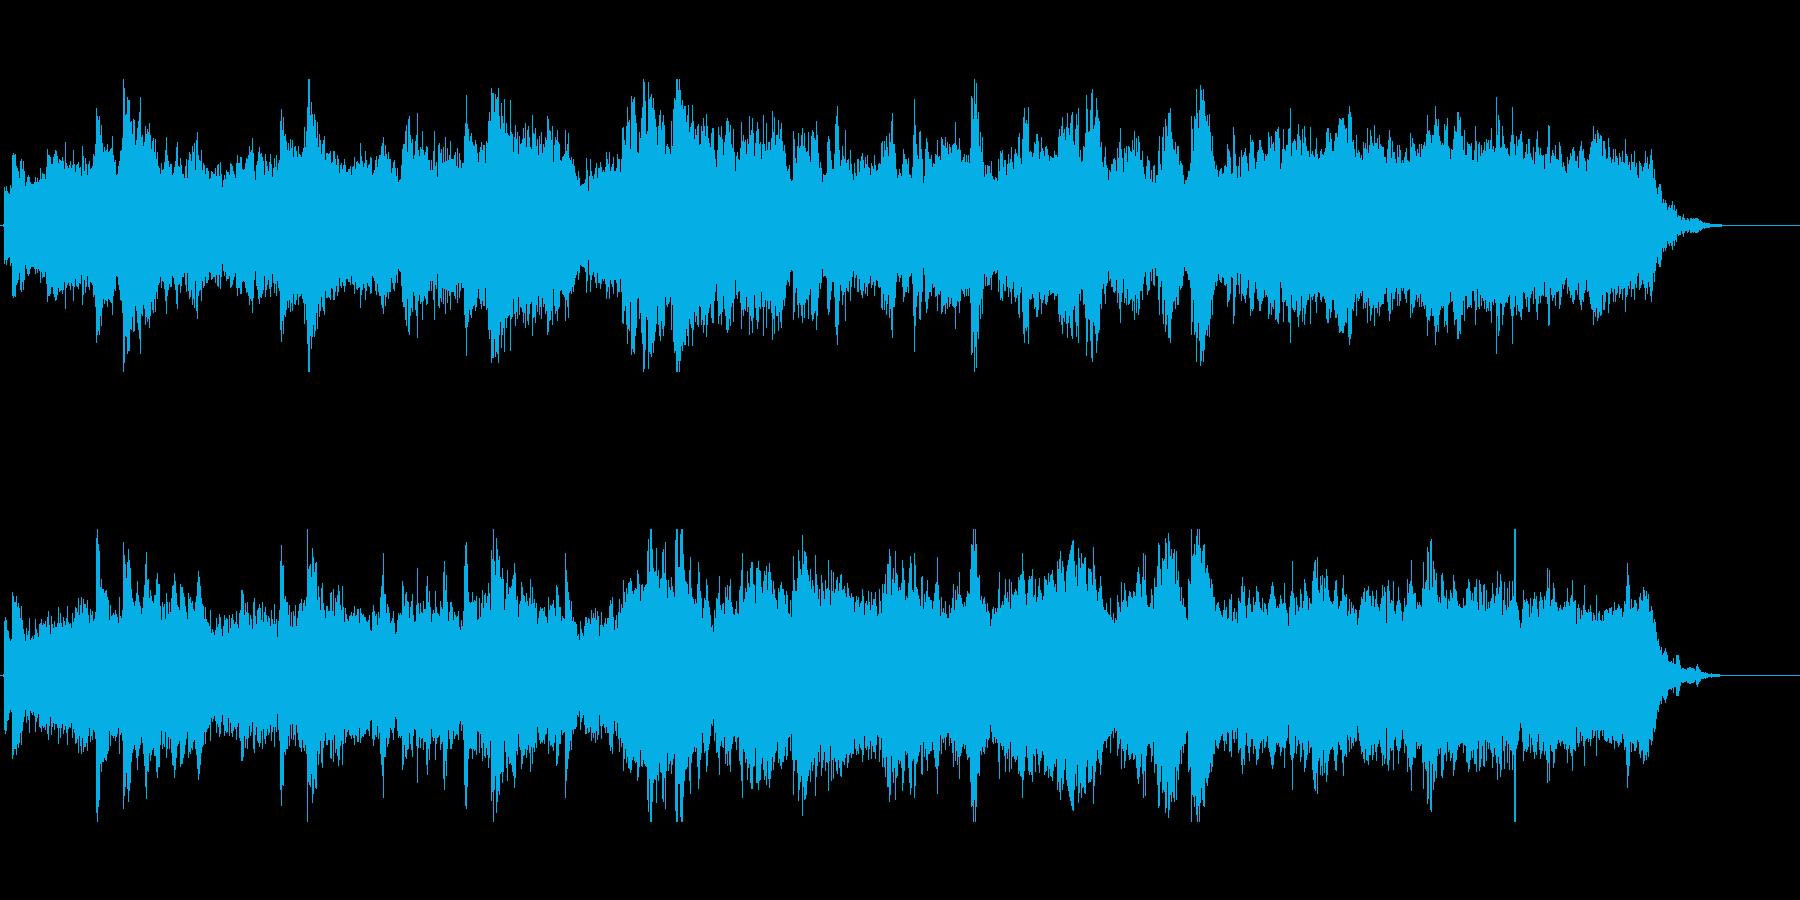 神秘的、不思議な感じのアンビエントの再生済みの波形